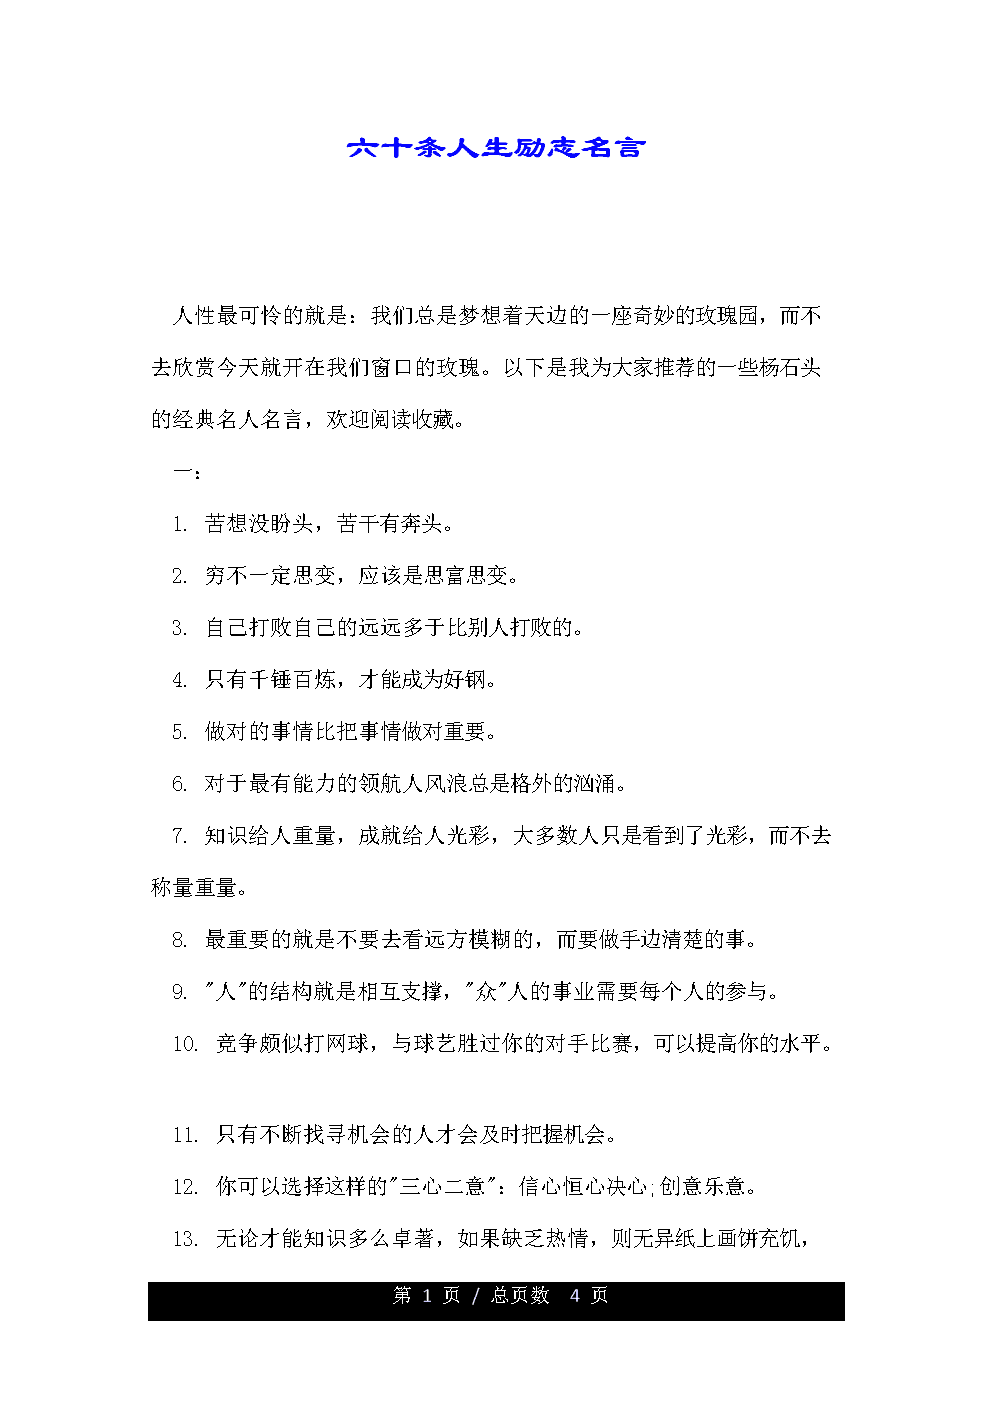 六十条人生励志名言.doc